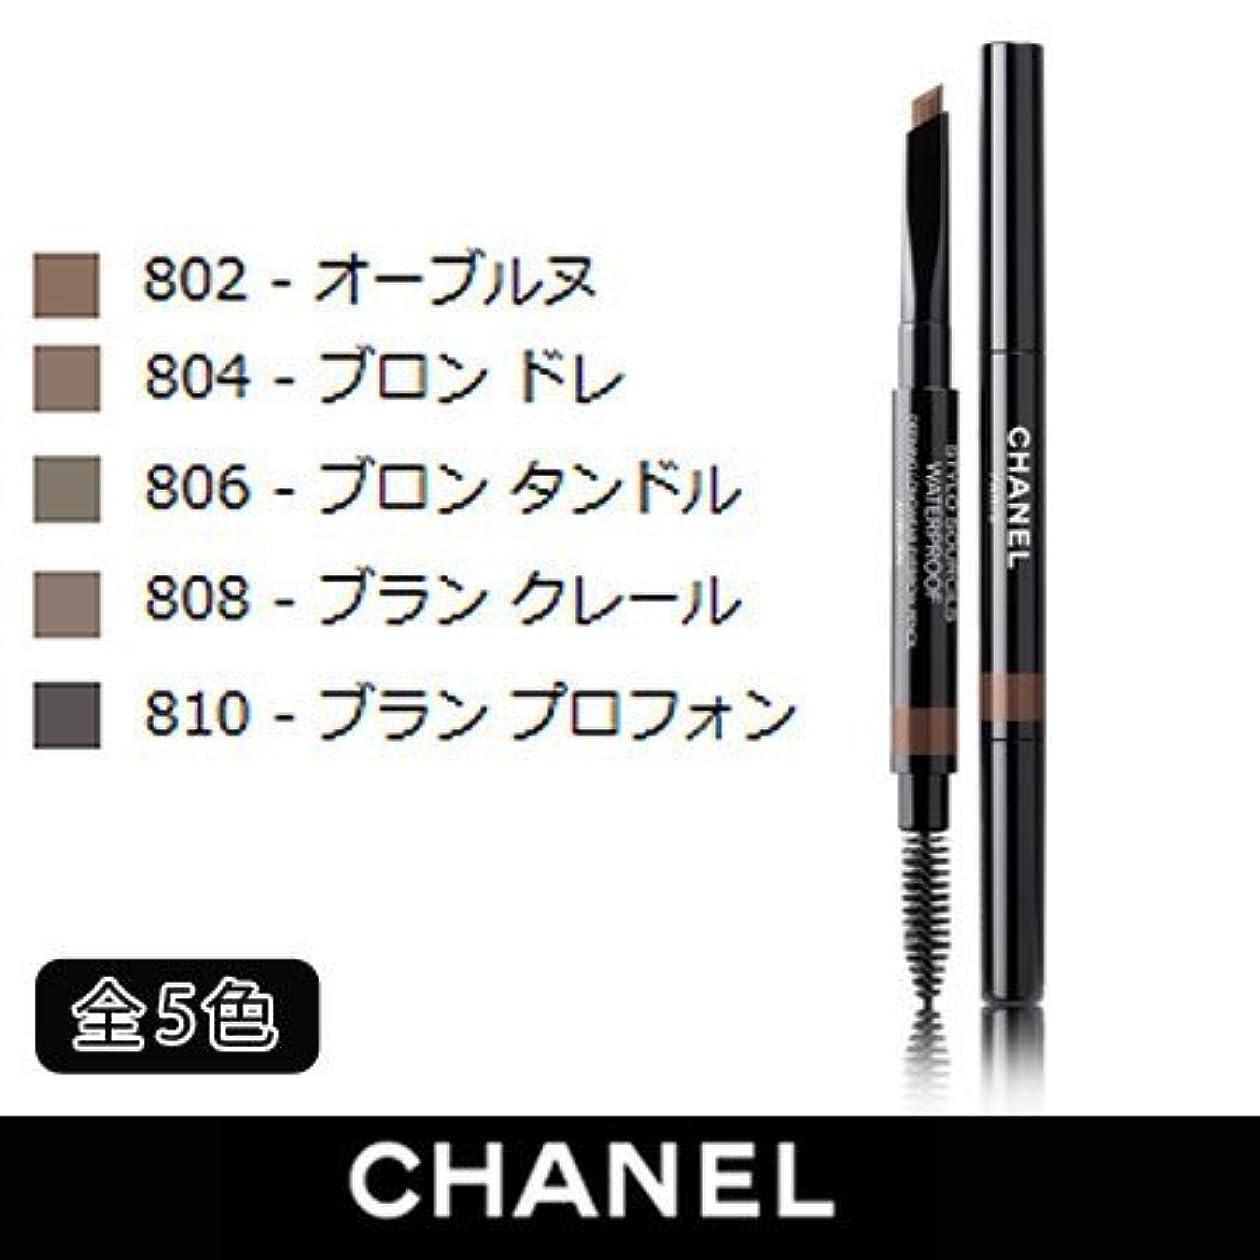 学者近代化する広範囲にシャネルスティロ スルスィル ウォータープルーフ 全5色 -CHANEL- 804